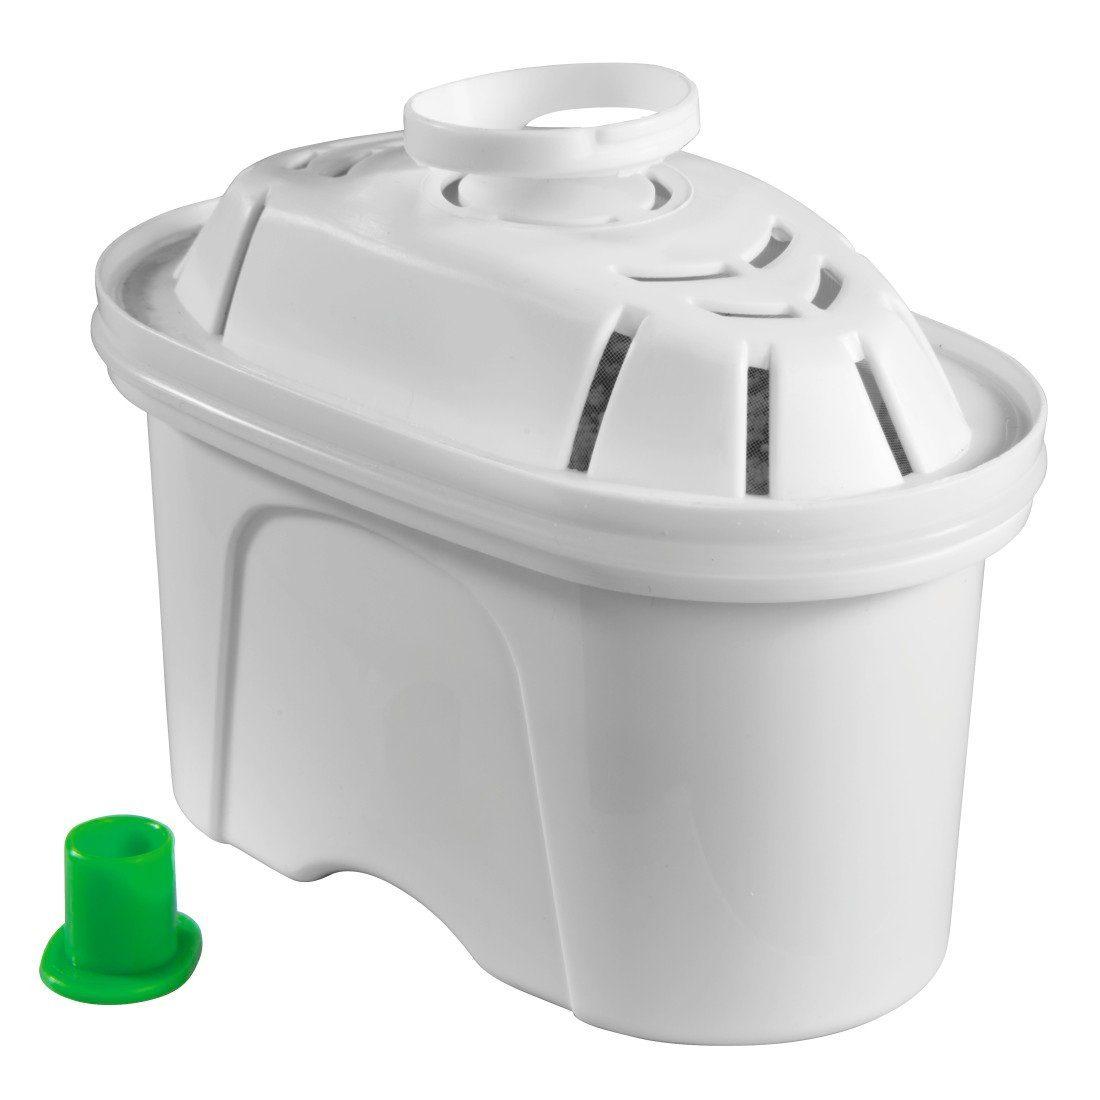 Xavax Wasserfilterkartuschen, 6er-Pack   Küche und Esszimmer > Küchengeräte > Wasserfilter   Weiß   Aluminium   XAVAX